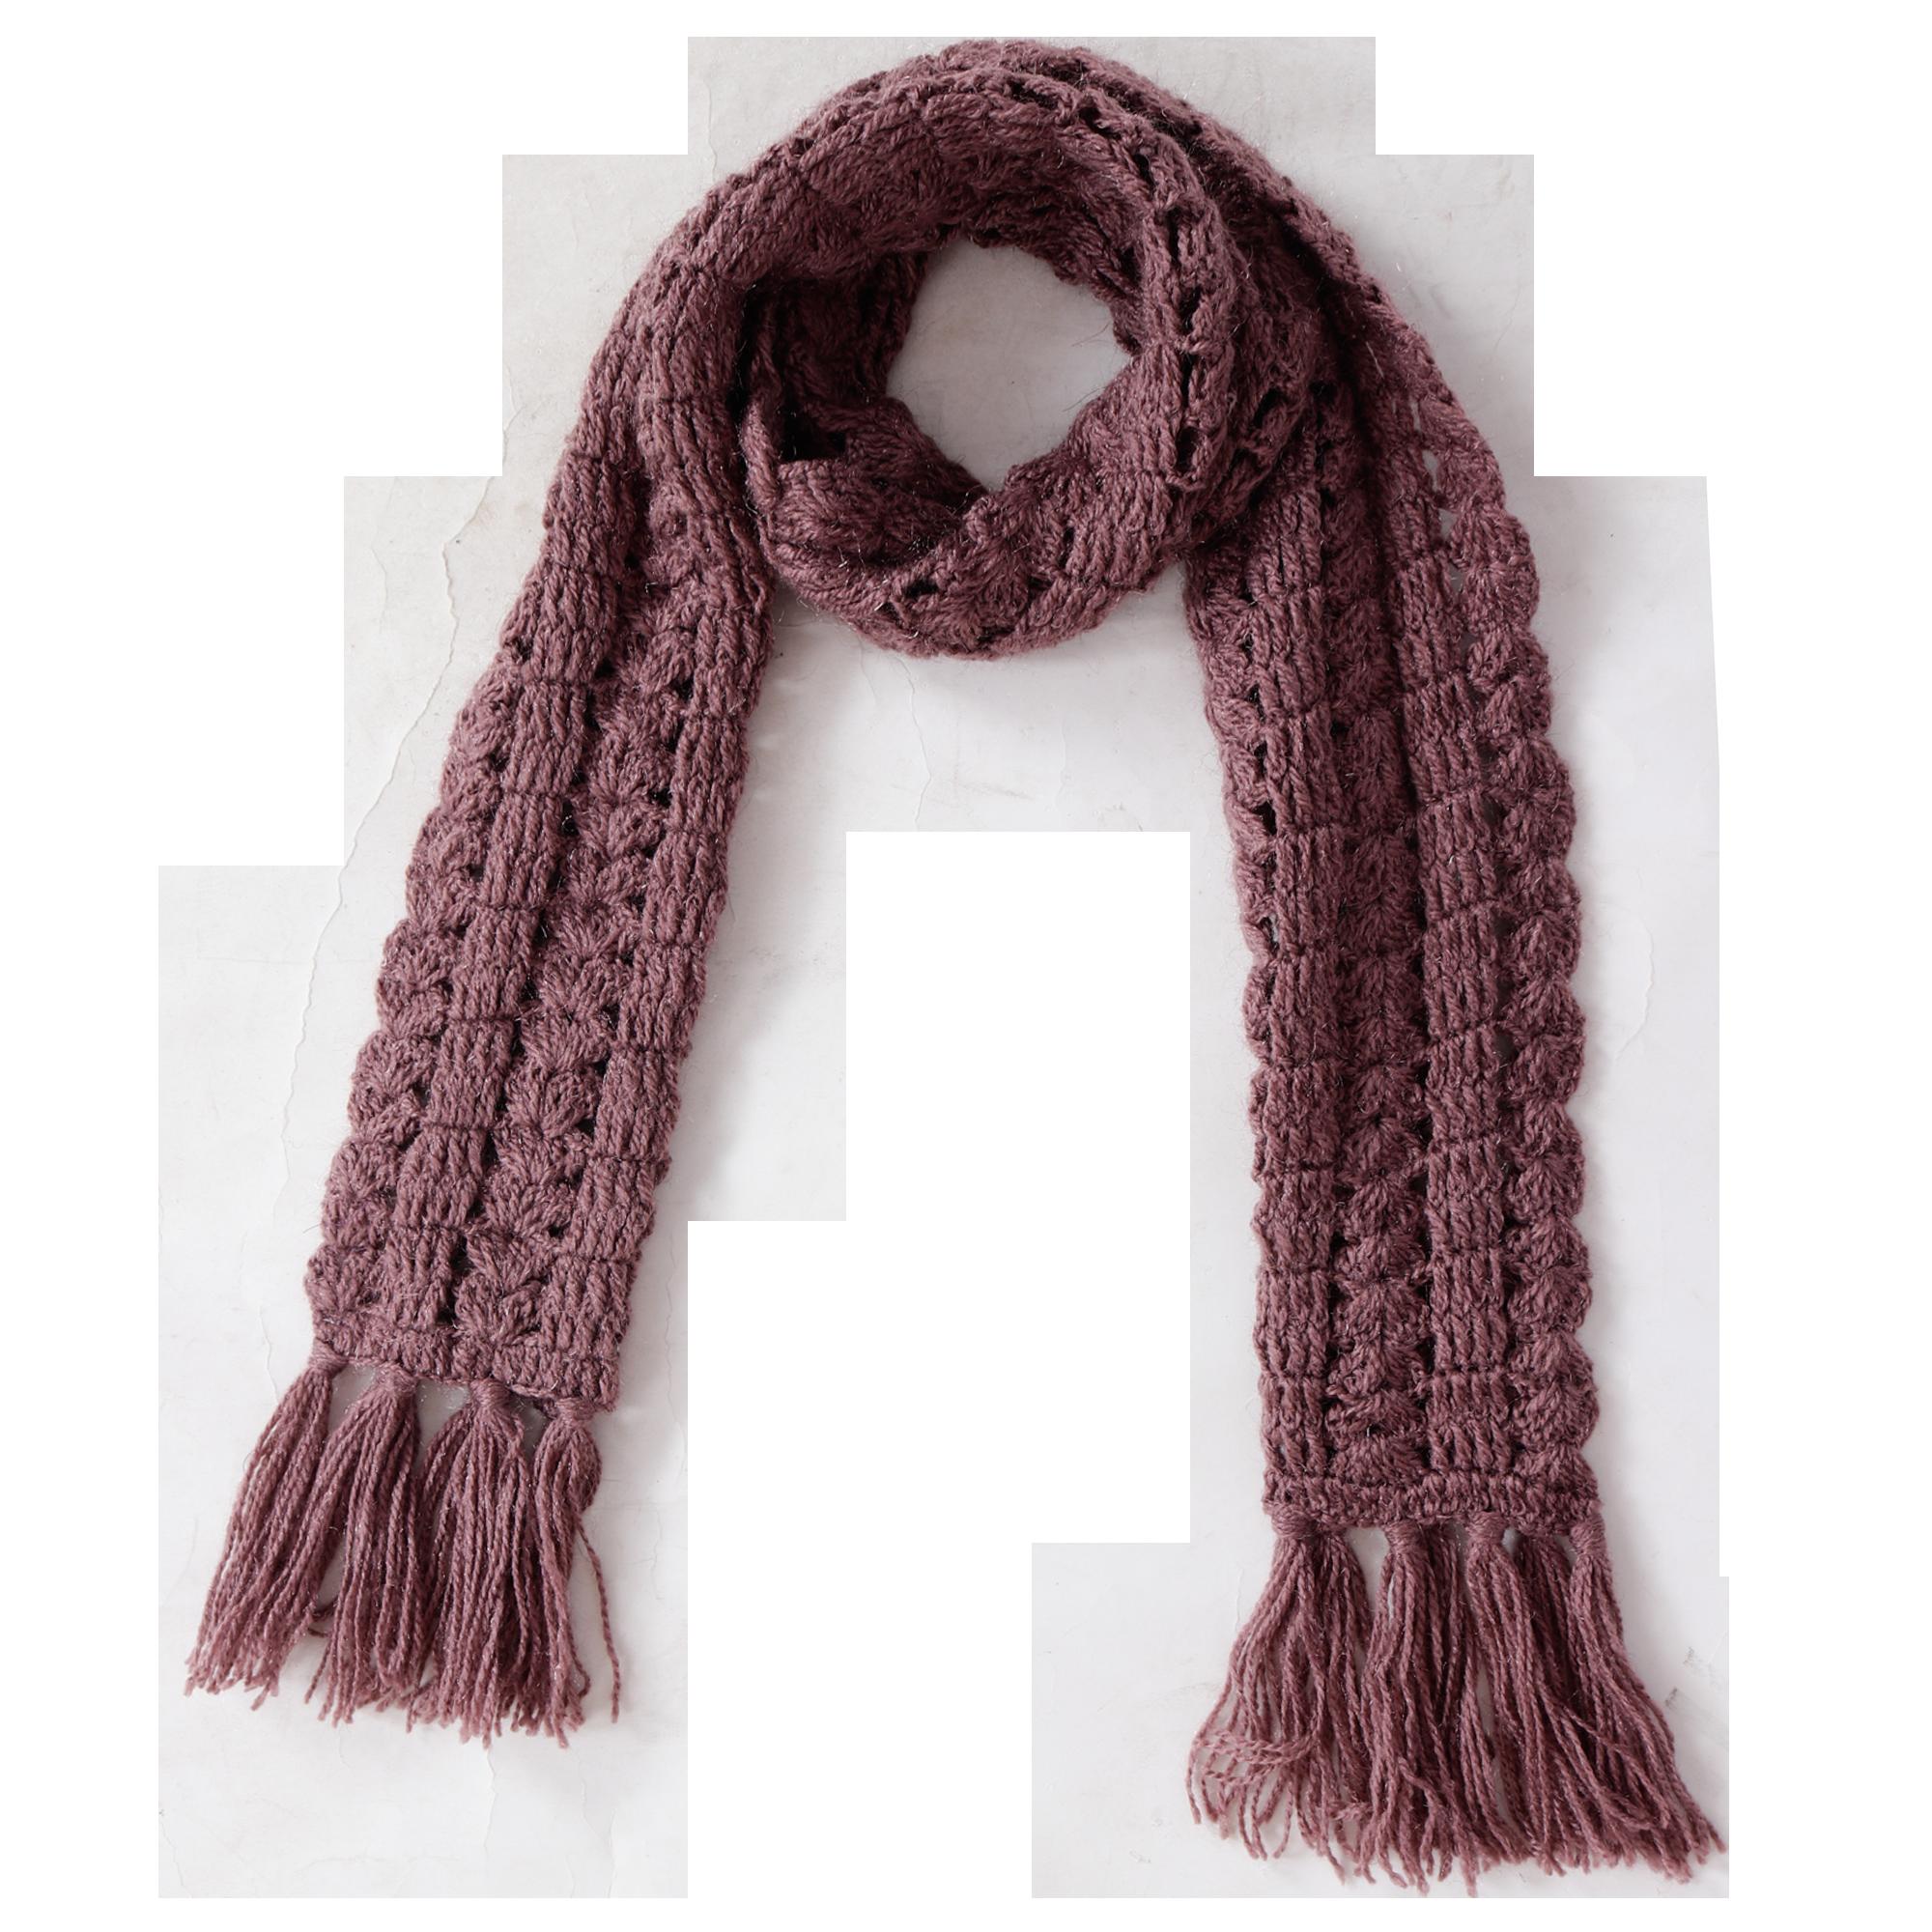 Handmade Woolen Muffler Desaignhandbags